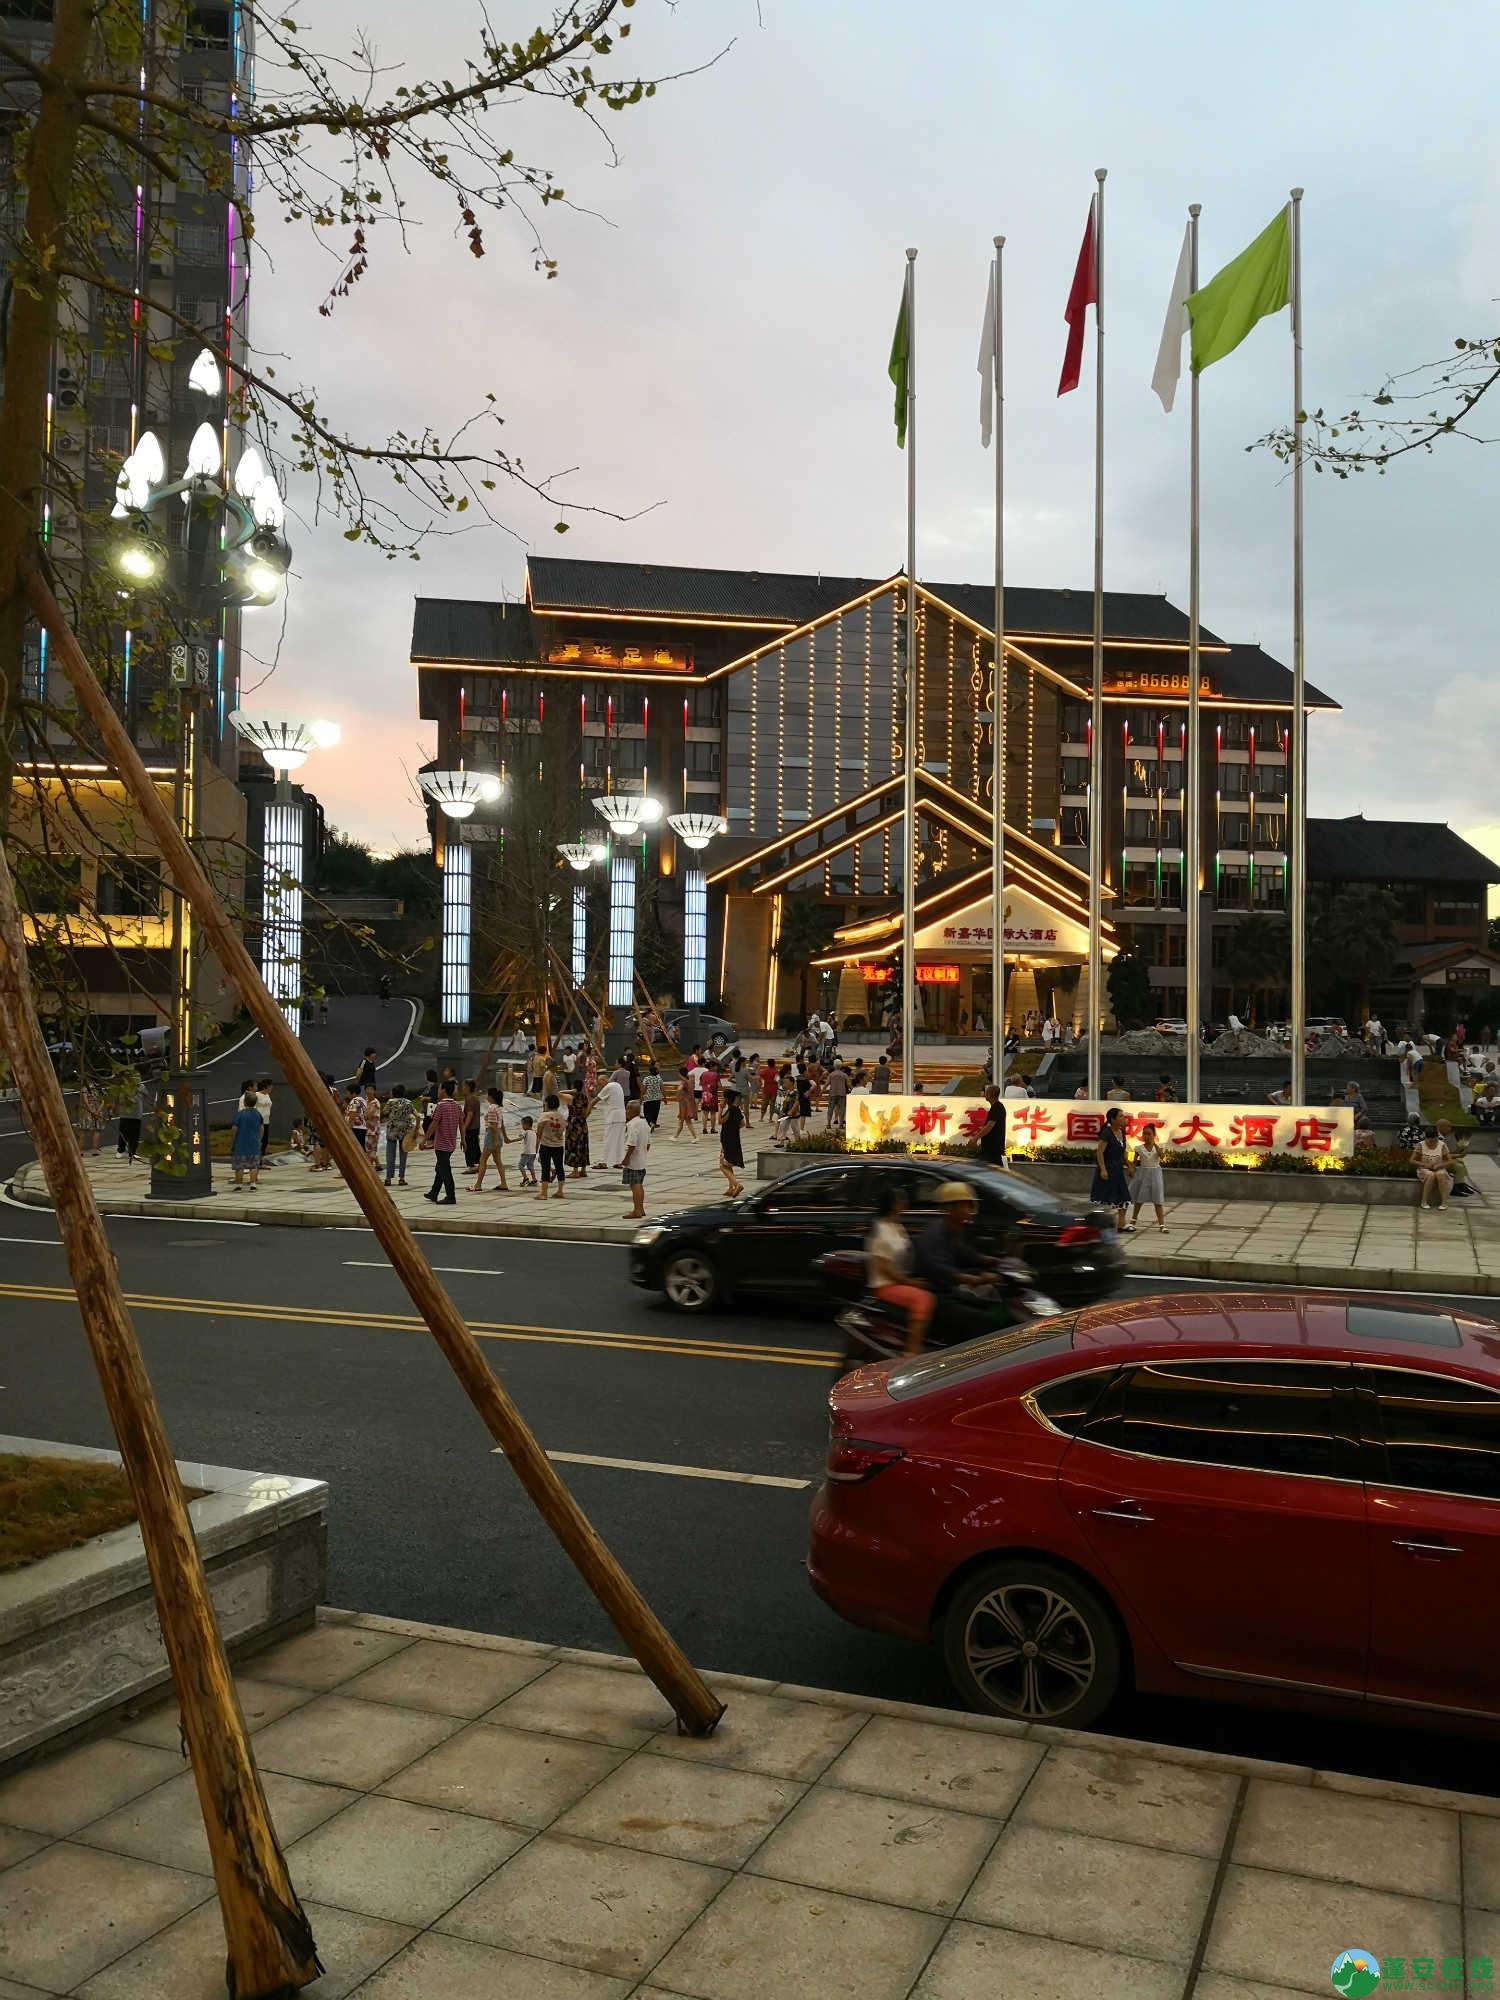 蓬安嘉陵第一桑梓棉麻路新城新貌 - 第17张  | 蓬安在线